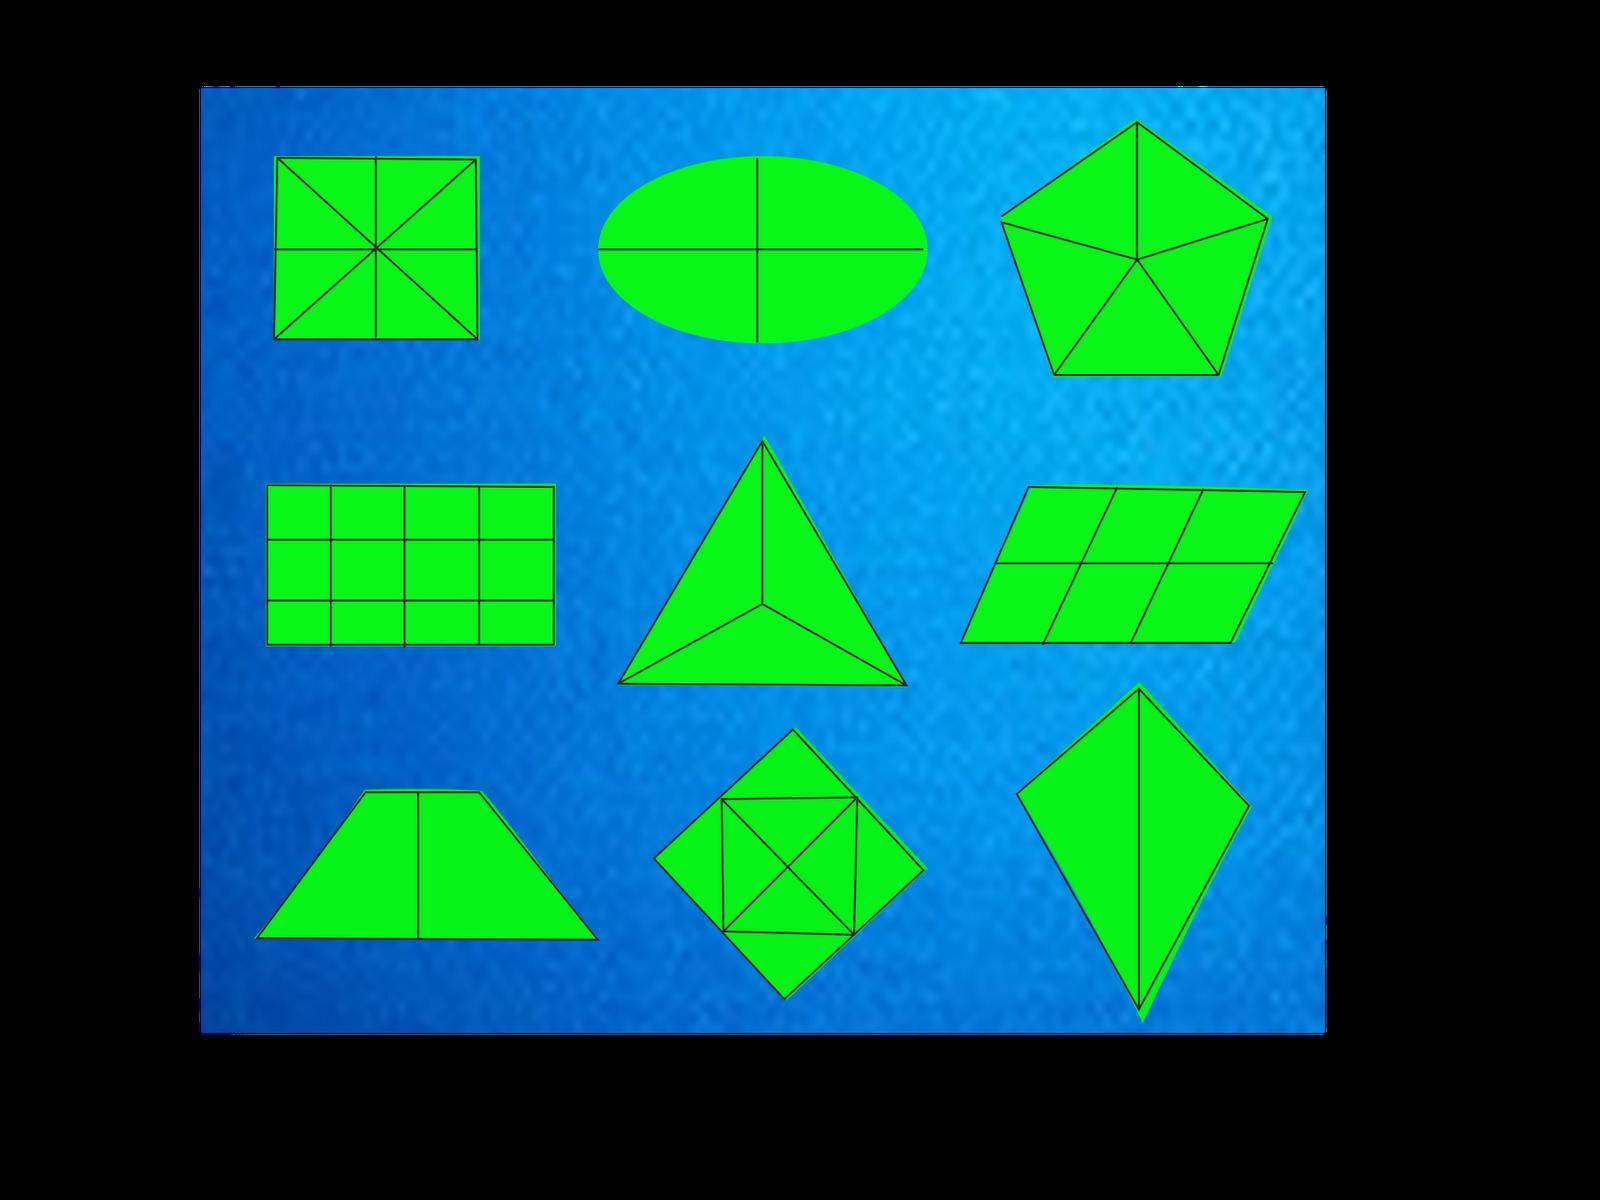 Contoh Alat Peraga Matematika Pengertian Alat Peraga Makalah Definisi Jenis Tujuan Belajar Matematika Alat Peraga Pengenalan Pecahan Sederhana